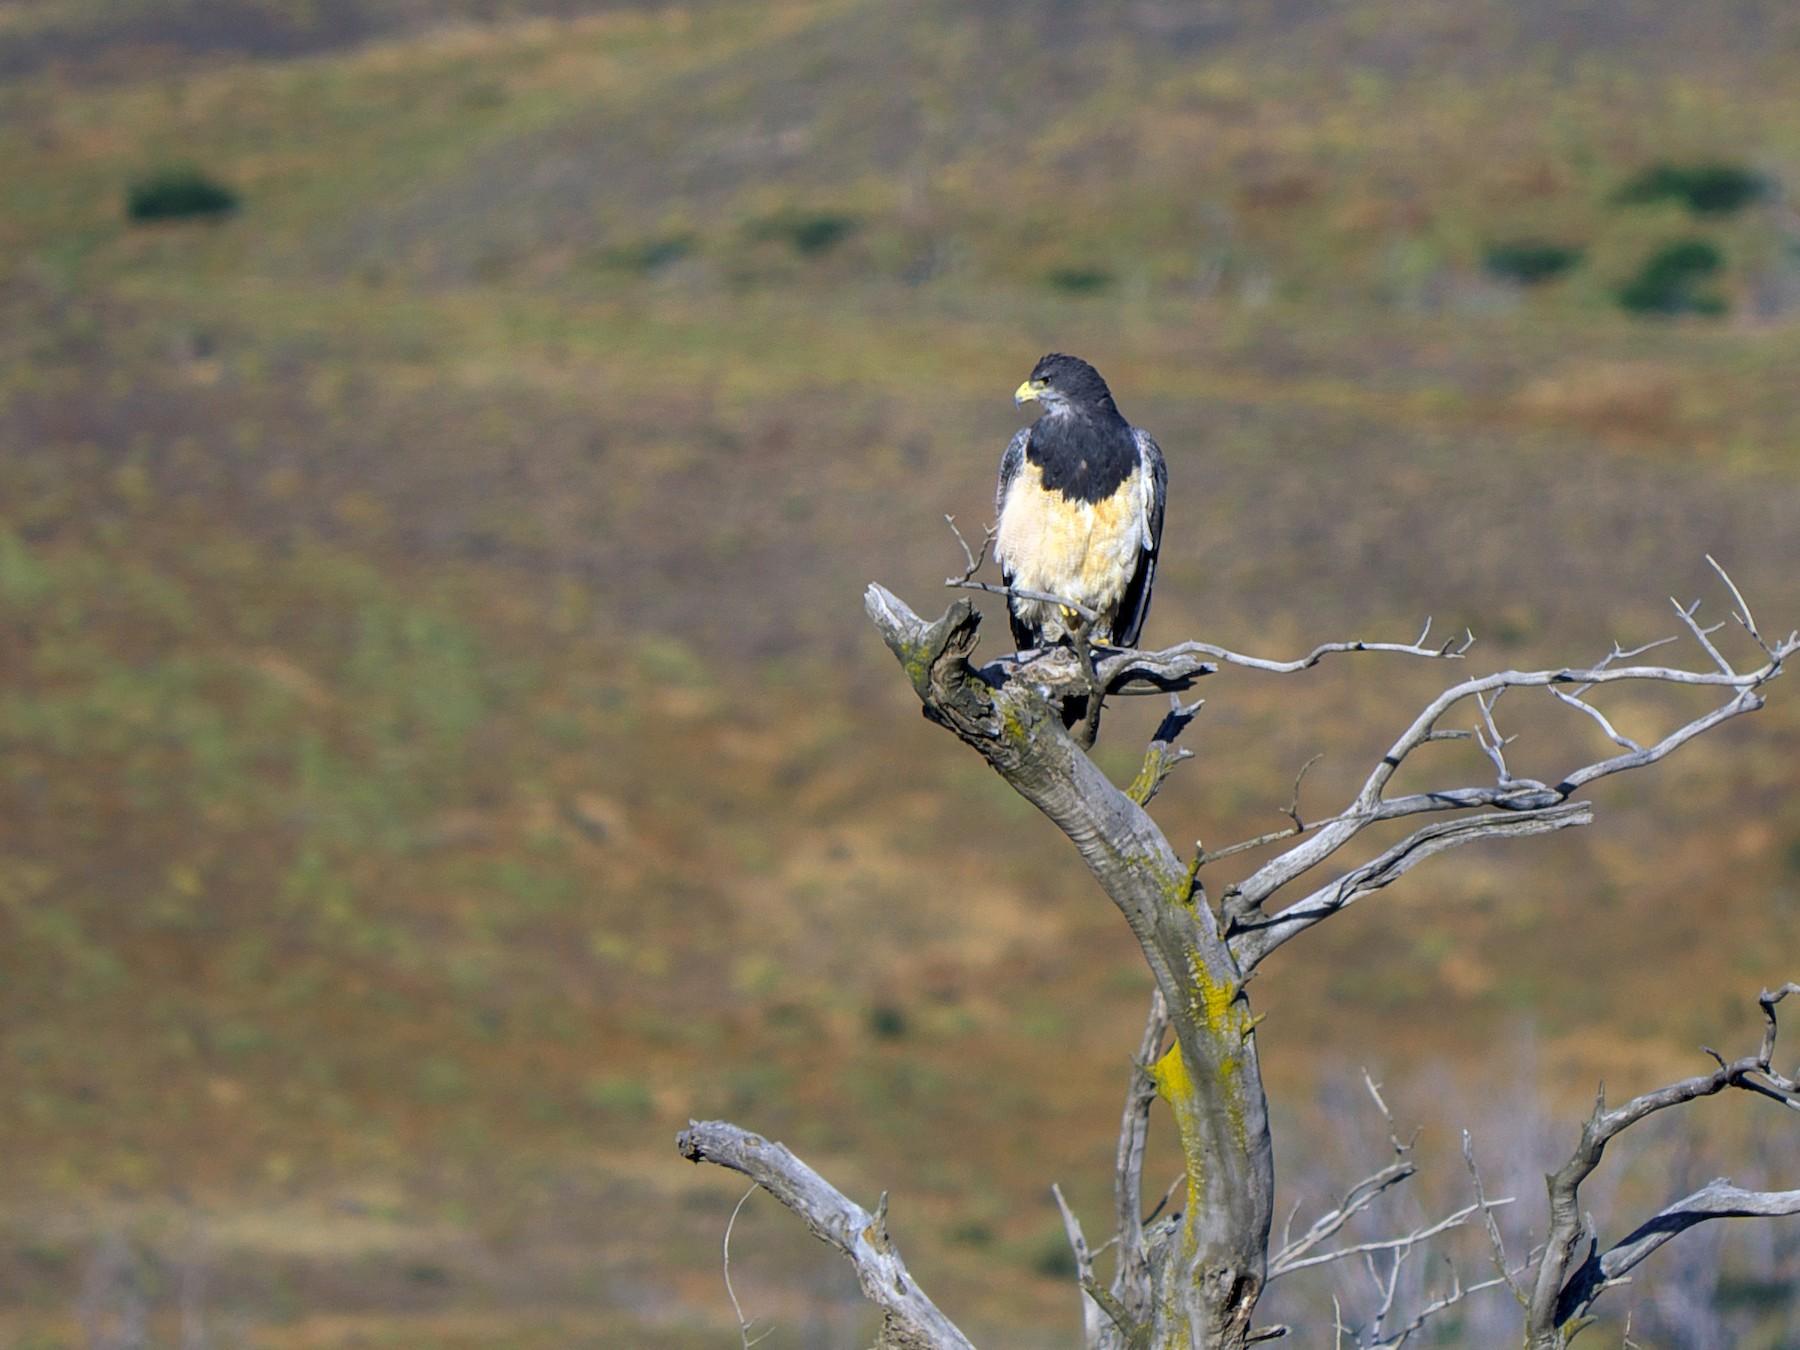 Black-chested Buzzard-Eagle - Paul Tavares